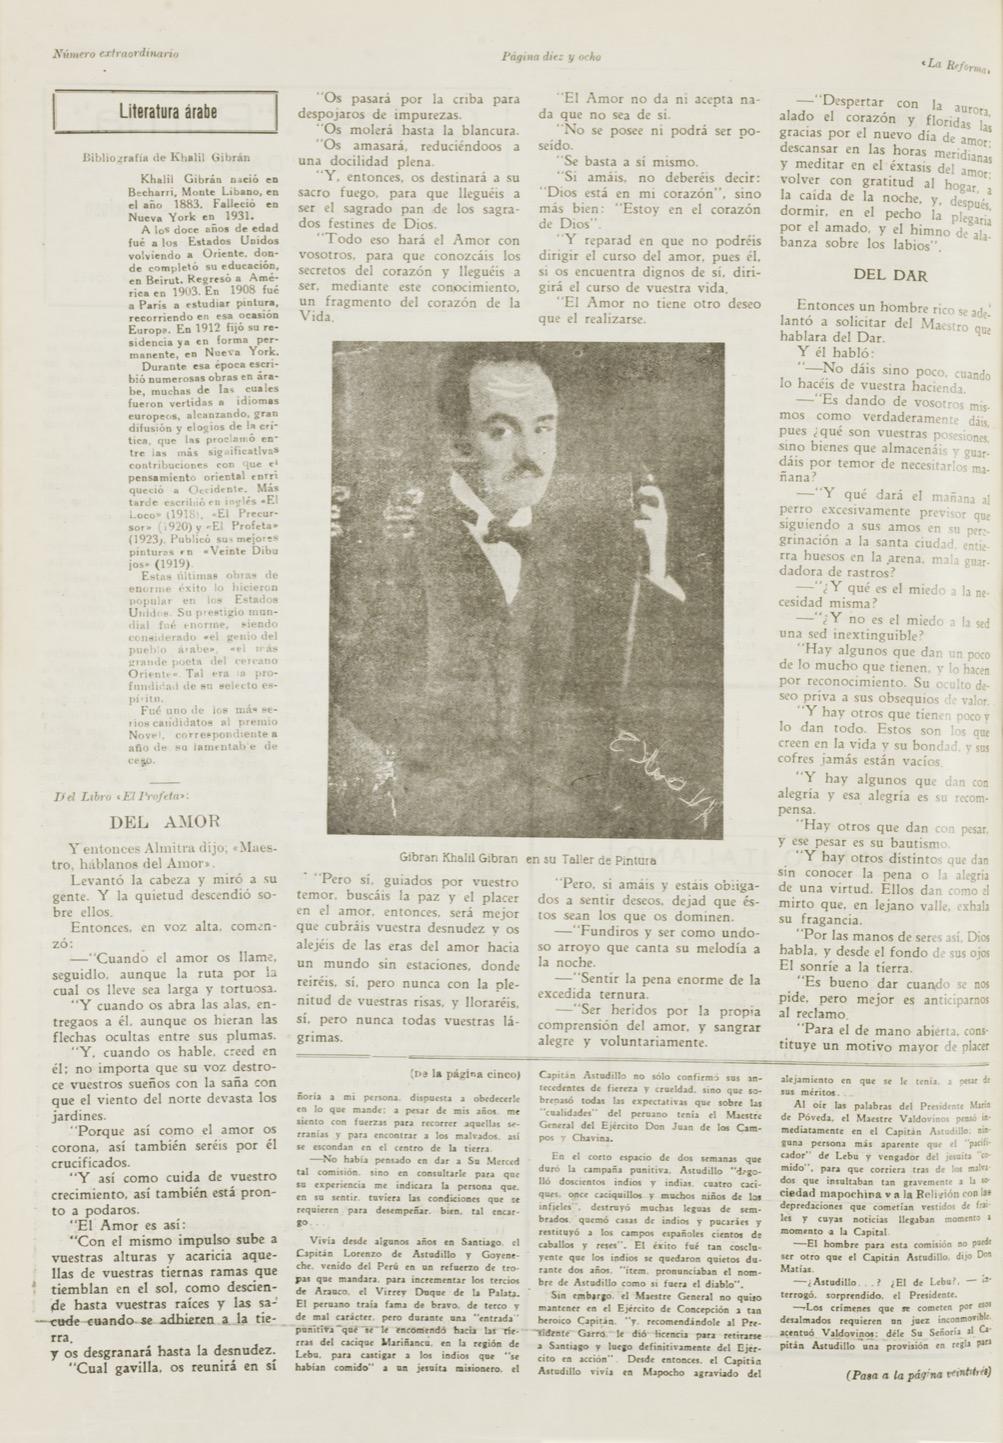 """""""Literatura árabe: Gibrán Khalil Gibrán"""", La Reforma, Sept 18, 1933 pp. 18-19,22."""